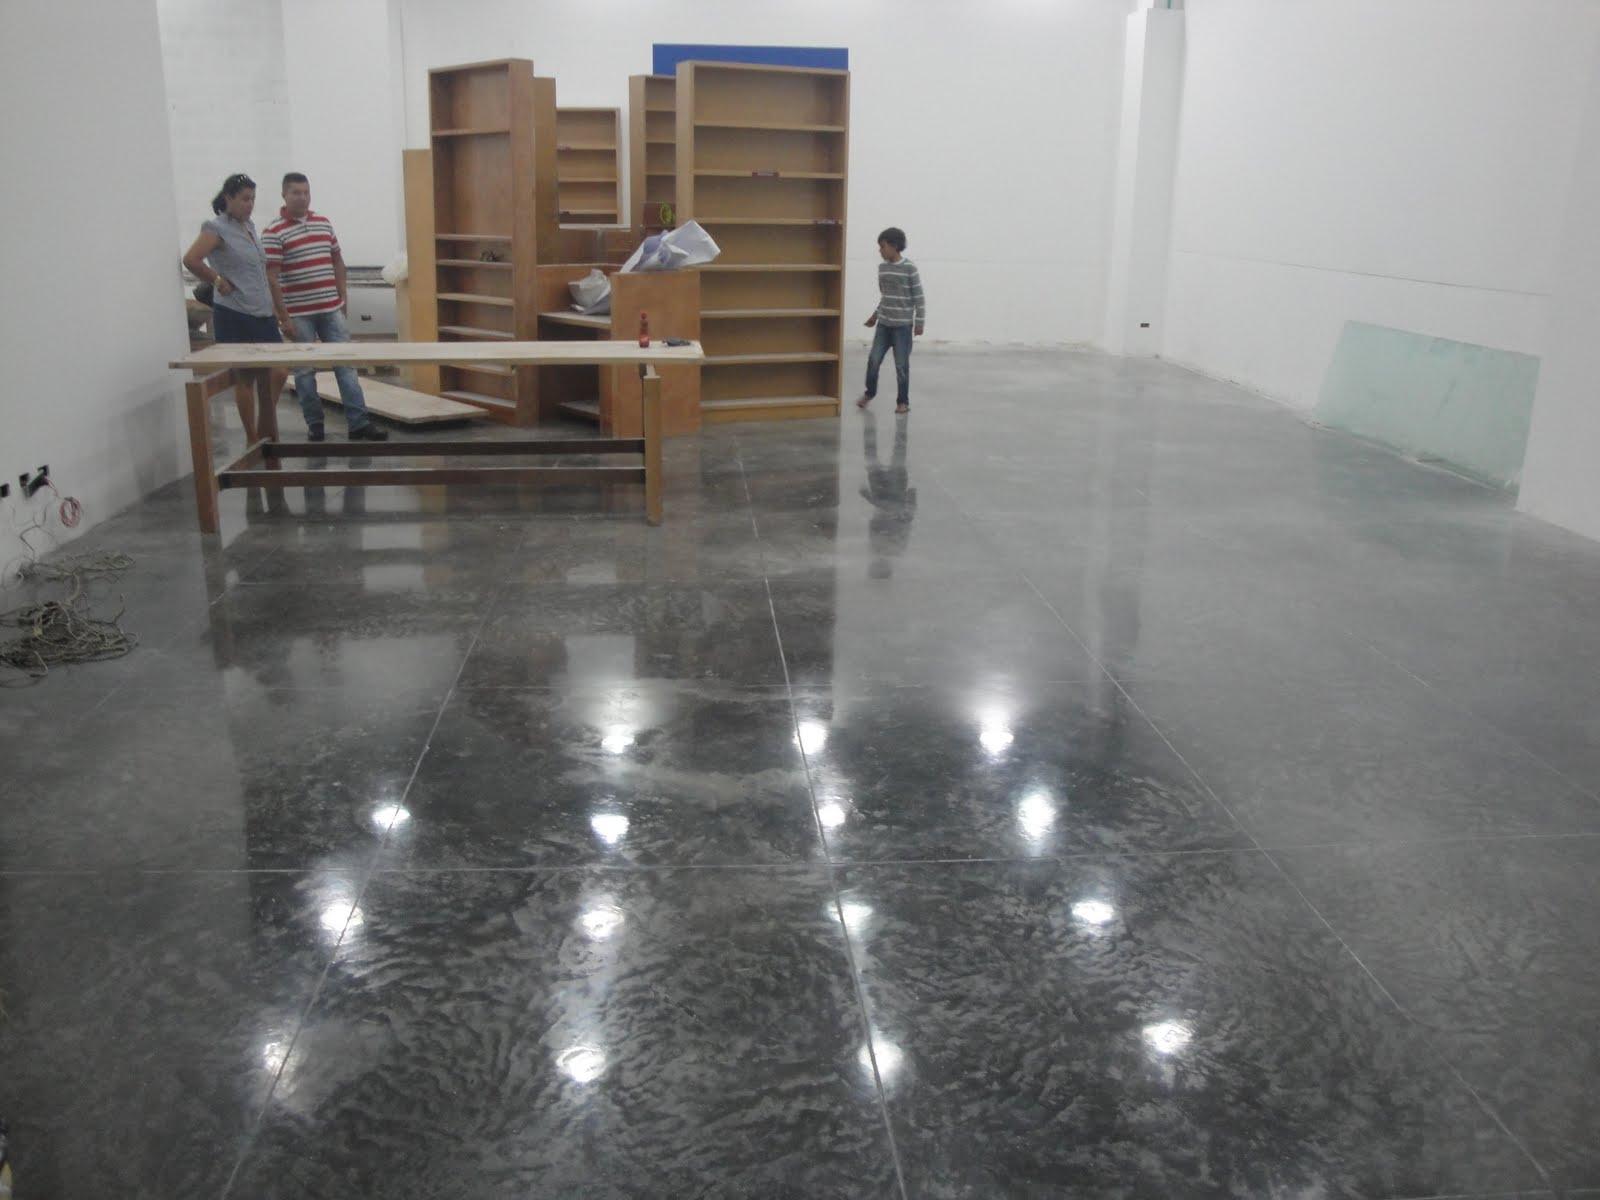 dekoncreto pisos y aplicaciones pisos en concreto pulido